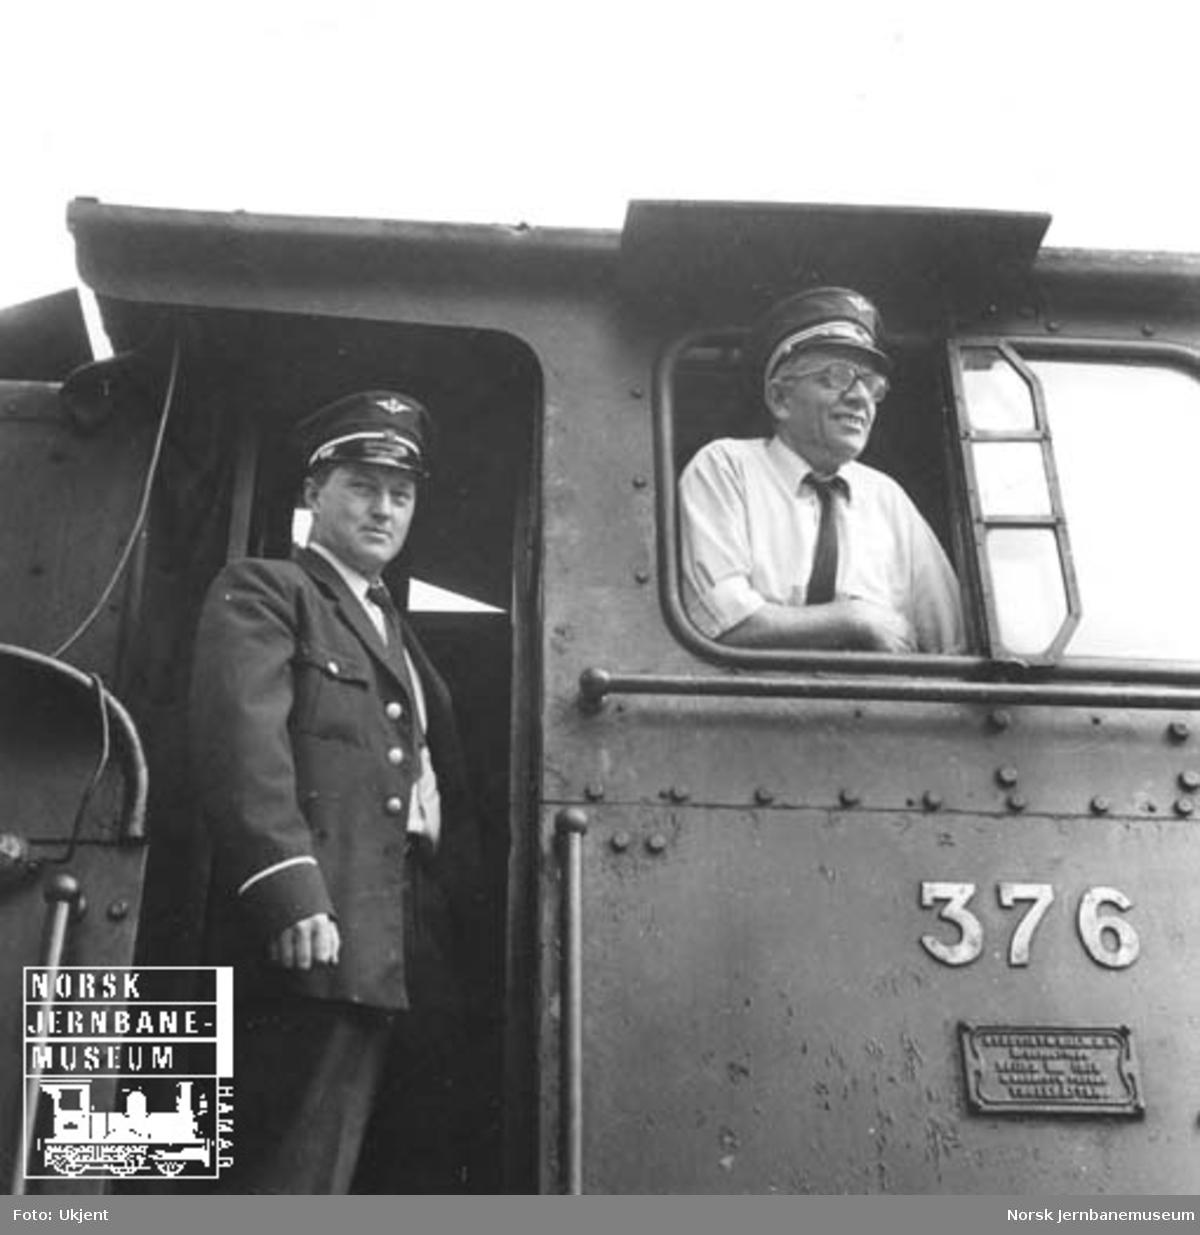 Lokomotivfører Rolf Rasmussen og lokførerassistent Odd Martinsen i hytta på damplokomotiv type 21c nr. 376